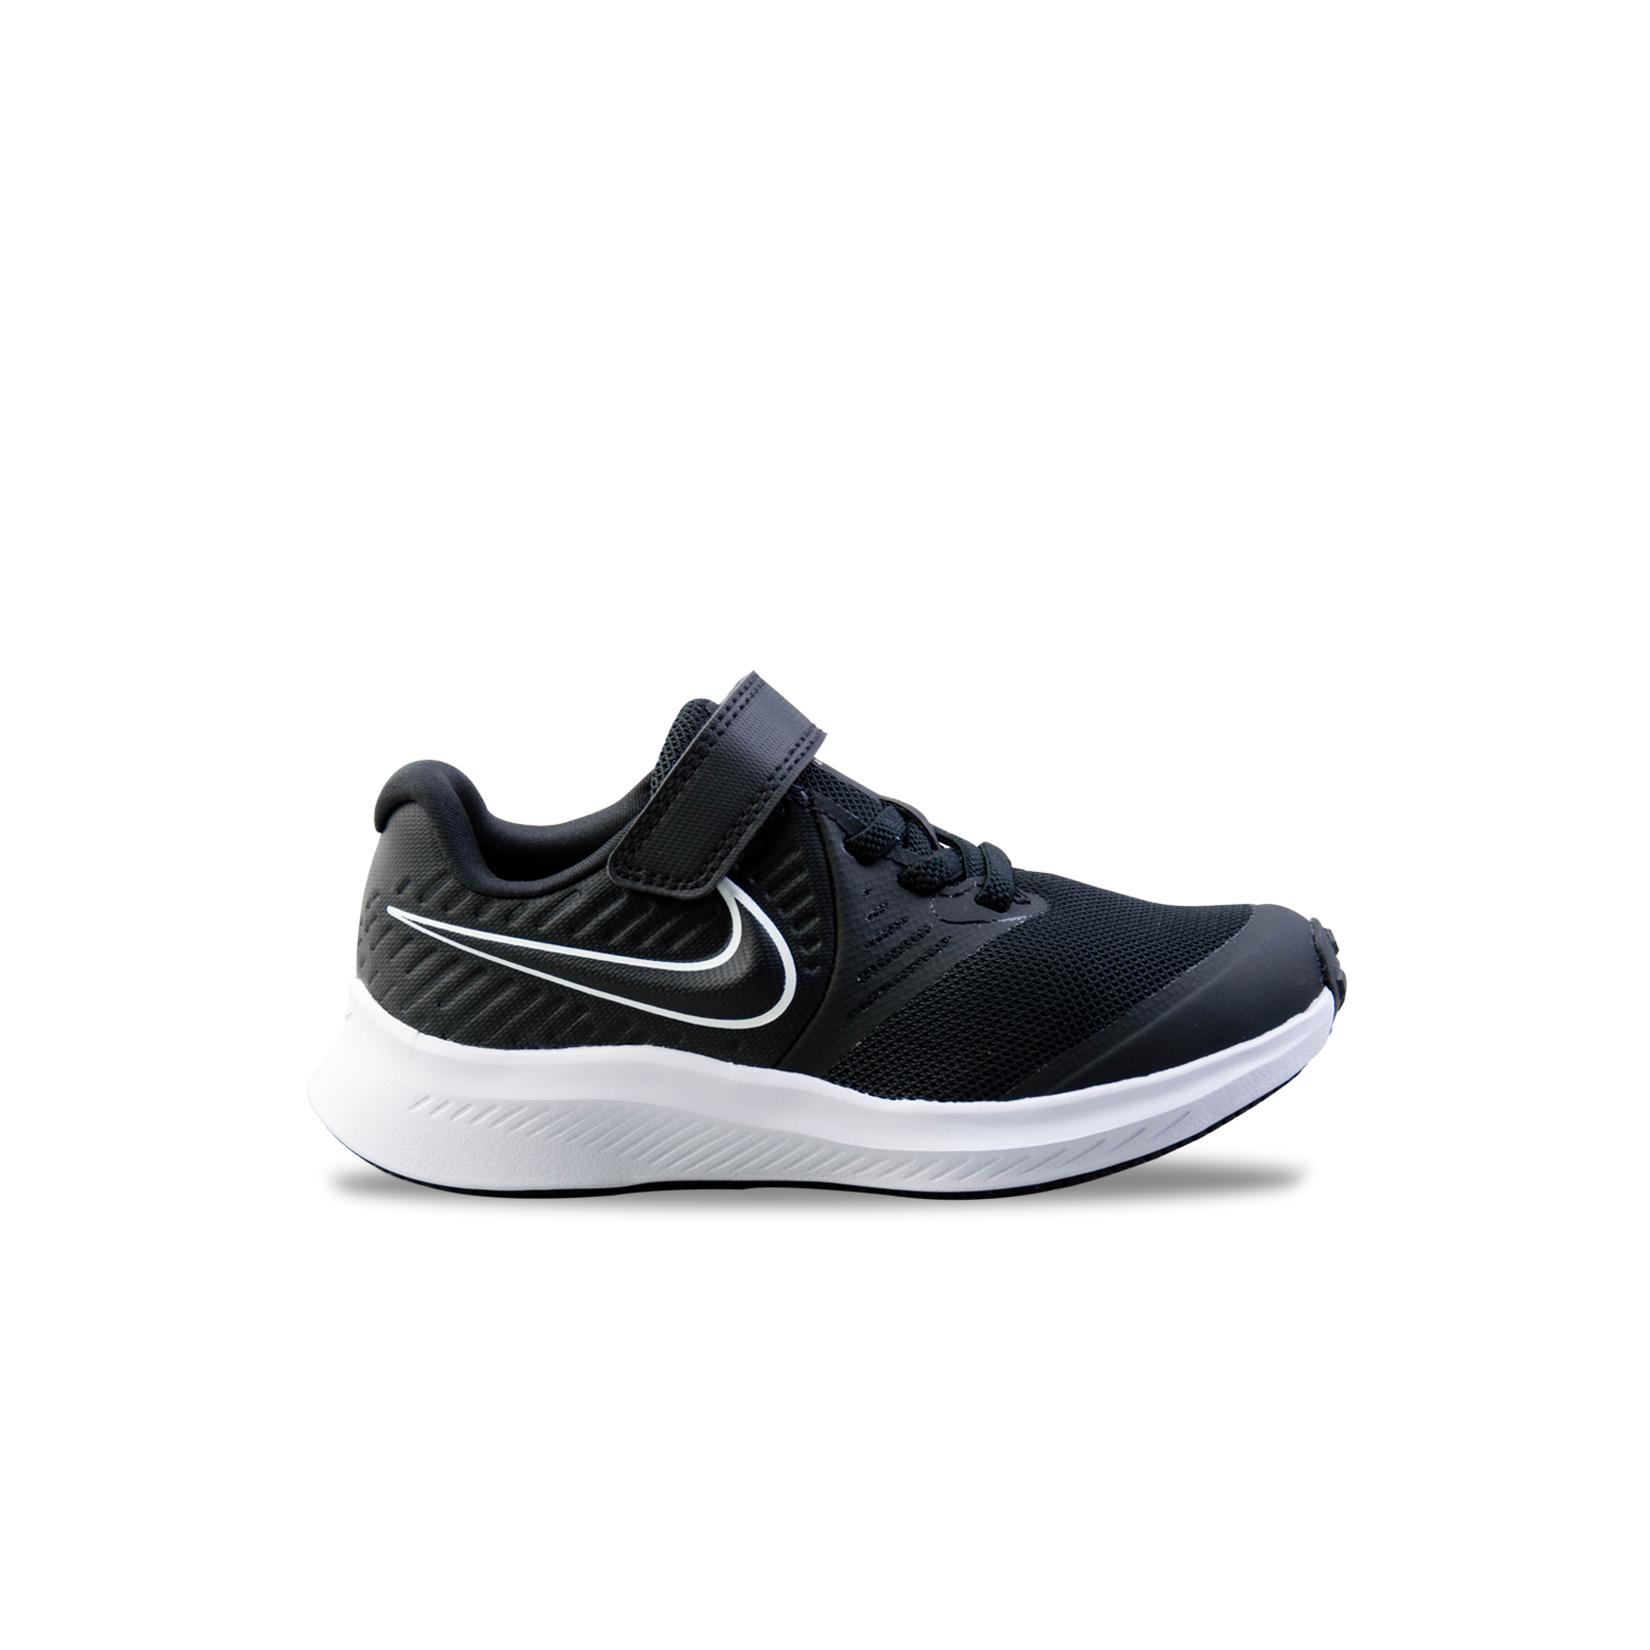 Nike Star Runner 2 Ps Black - White